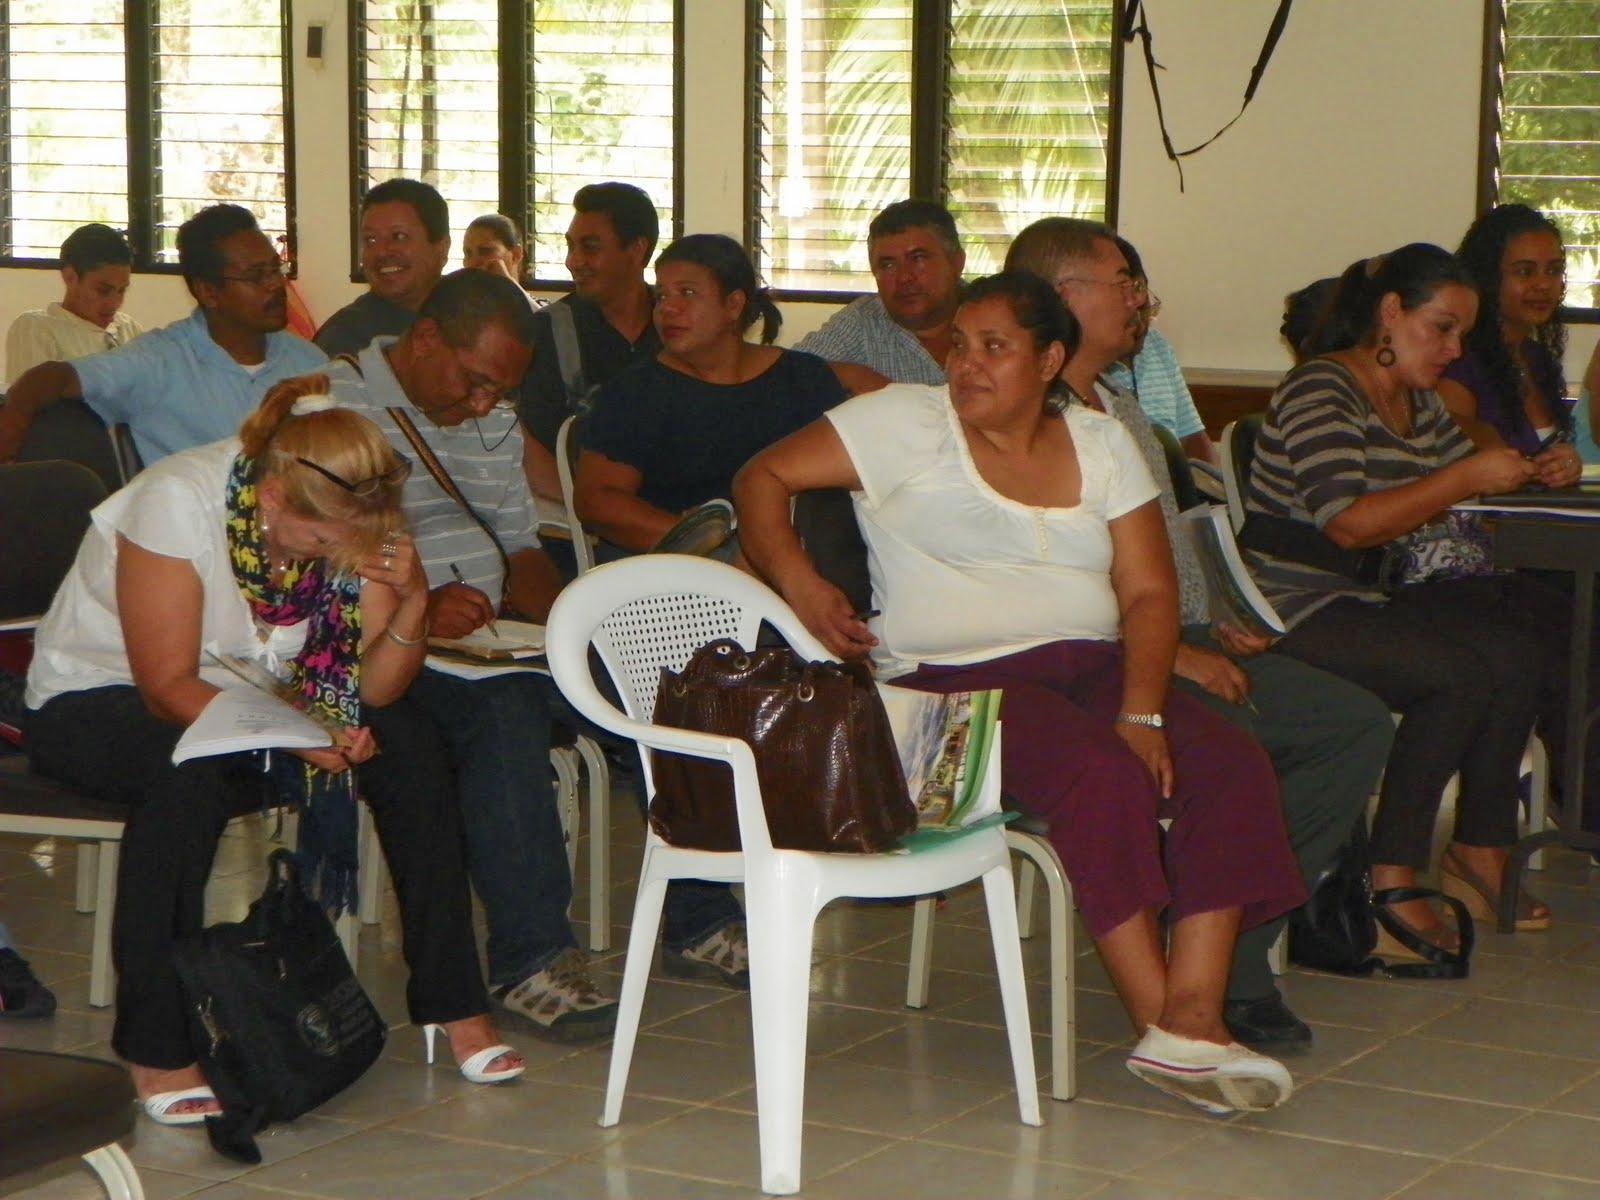 Los Presidentes y Presidentas del Colegio Profesional Superaci³n Magisterial Hondure±o COLPROSUMAH está desarrollando actividades de actualizaci³n gremial